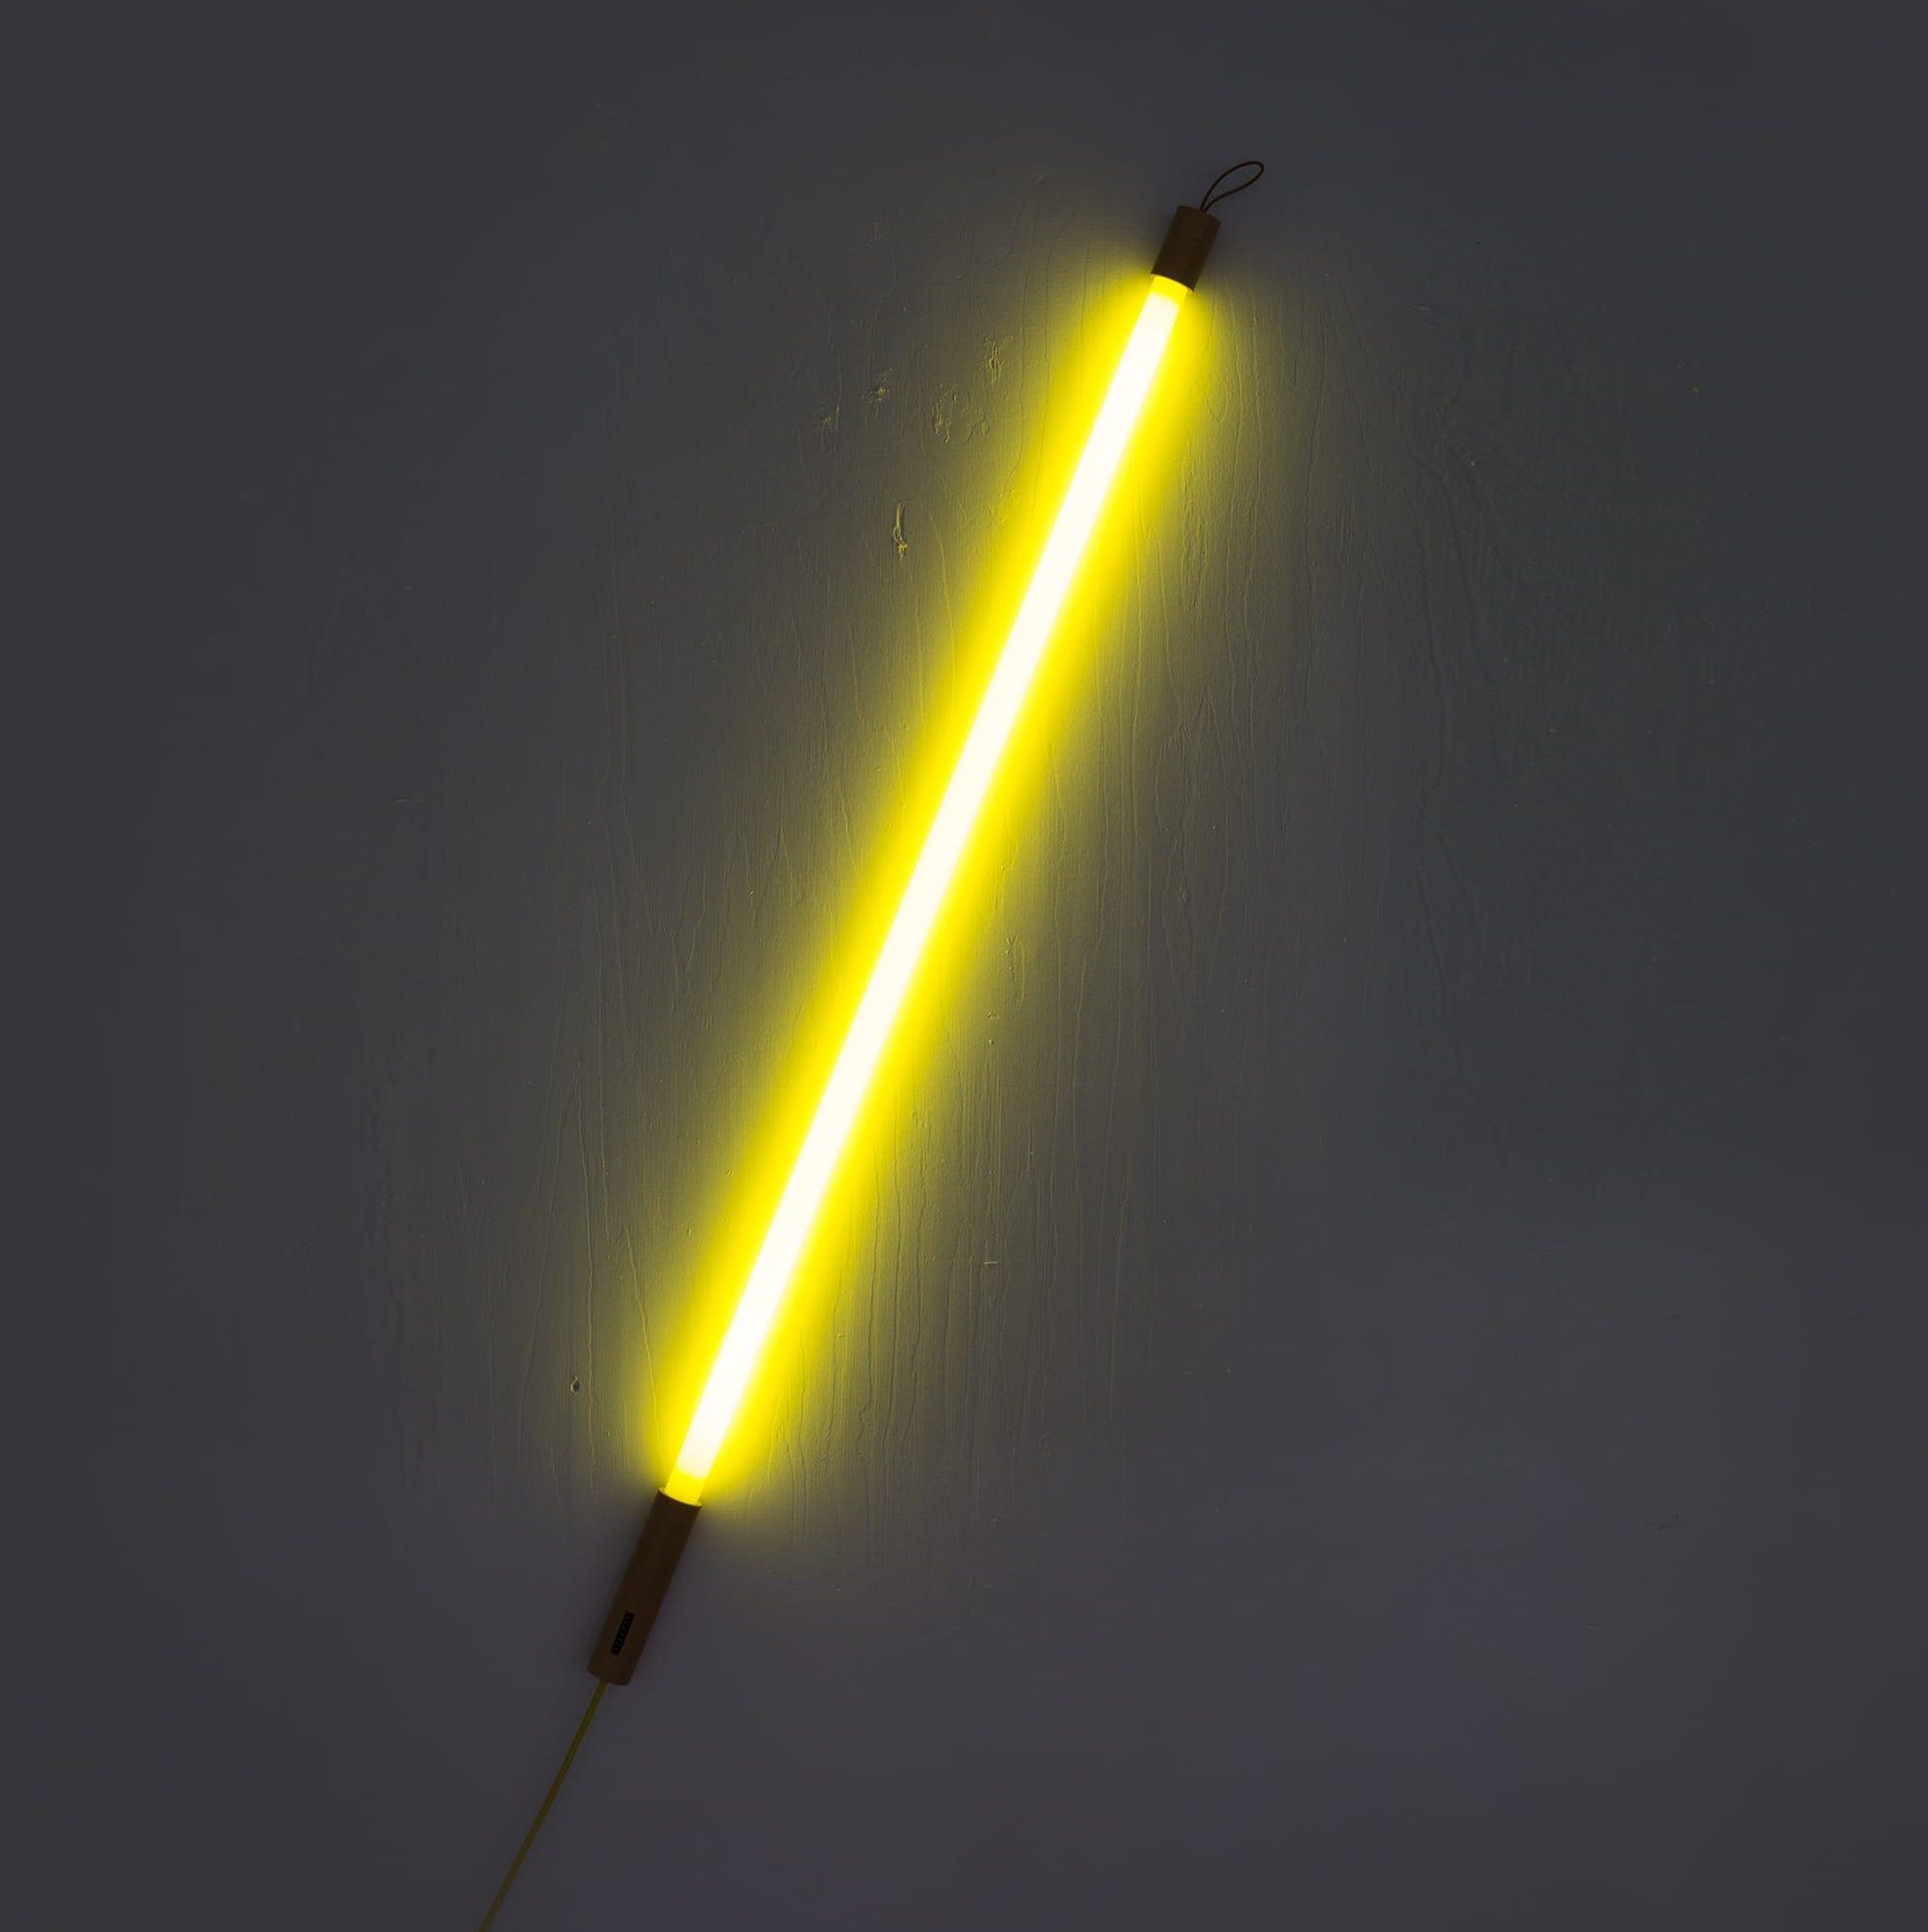 Neon De Decoration Interieur luminaire, tube neon, linea, jaune, led, 3000k, l134.5cm, cm - seletti